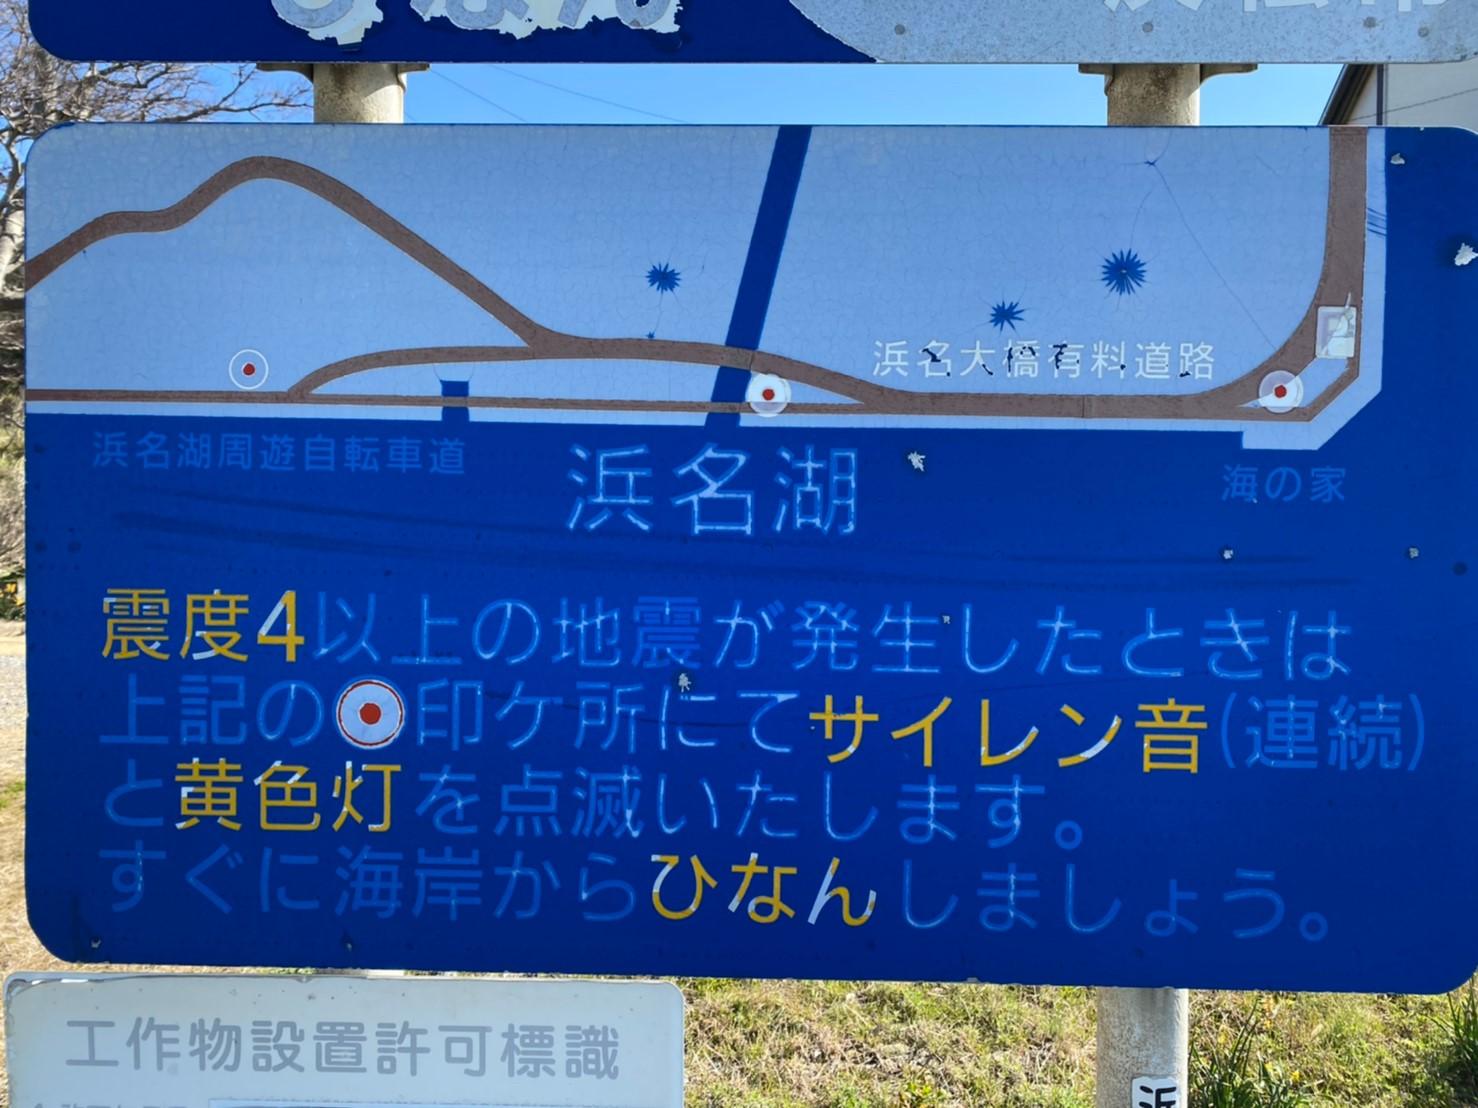 【浜名湖南部】『内山海岸エリア』の釣り場ガイド